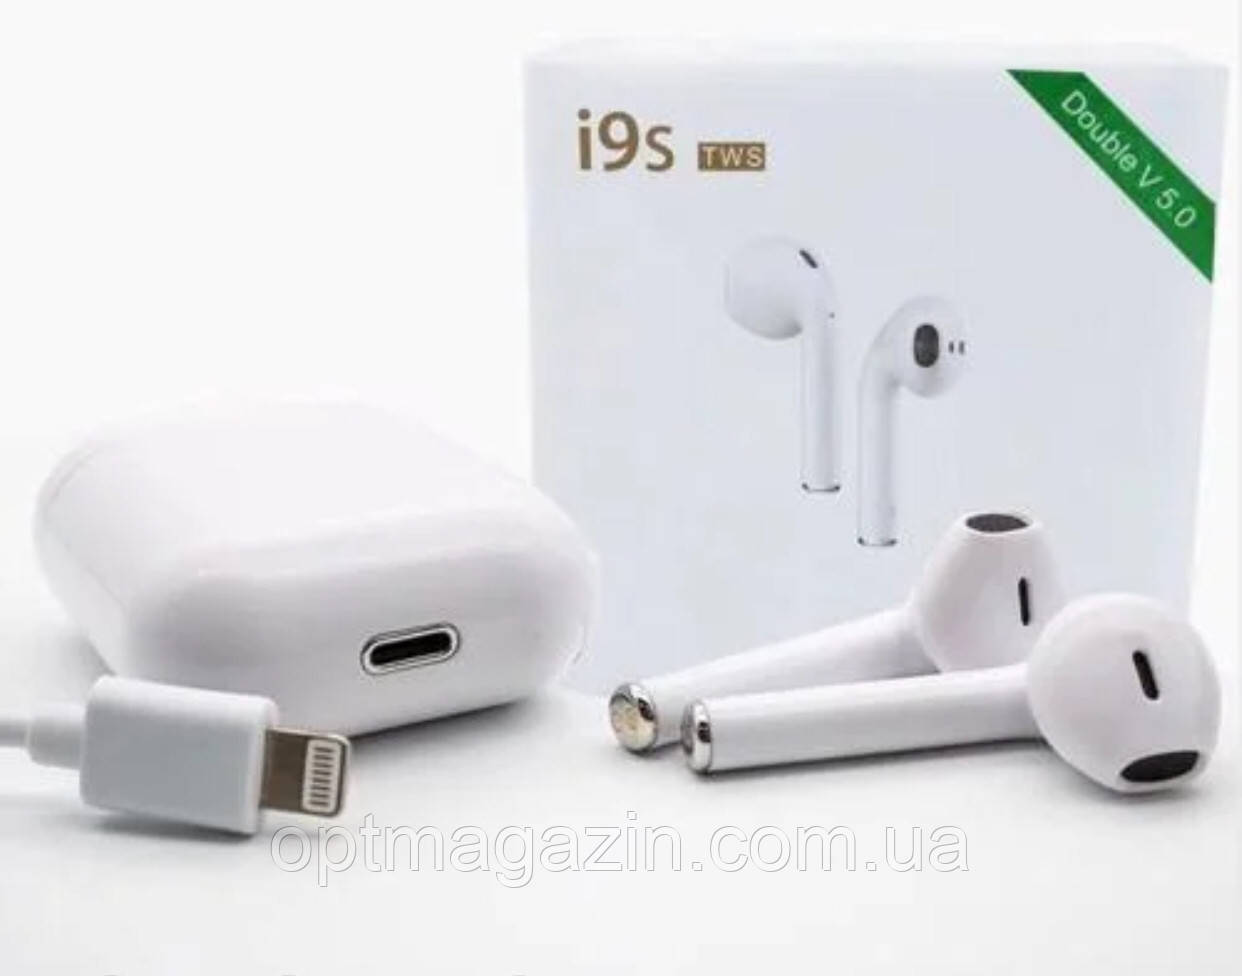 Бездротові Bluetooth-Навушники Hbq Ifans I9S